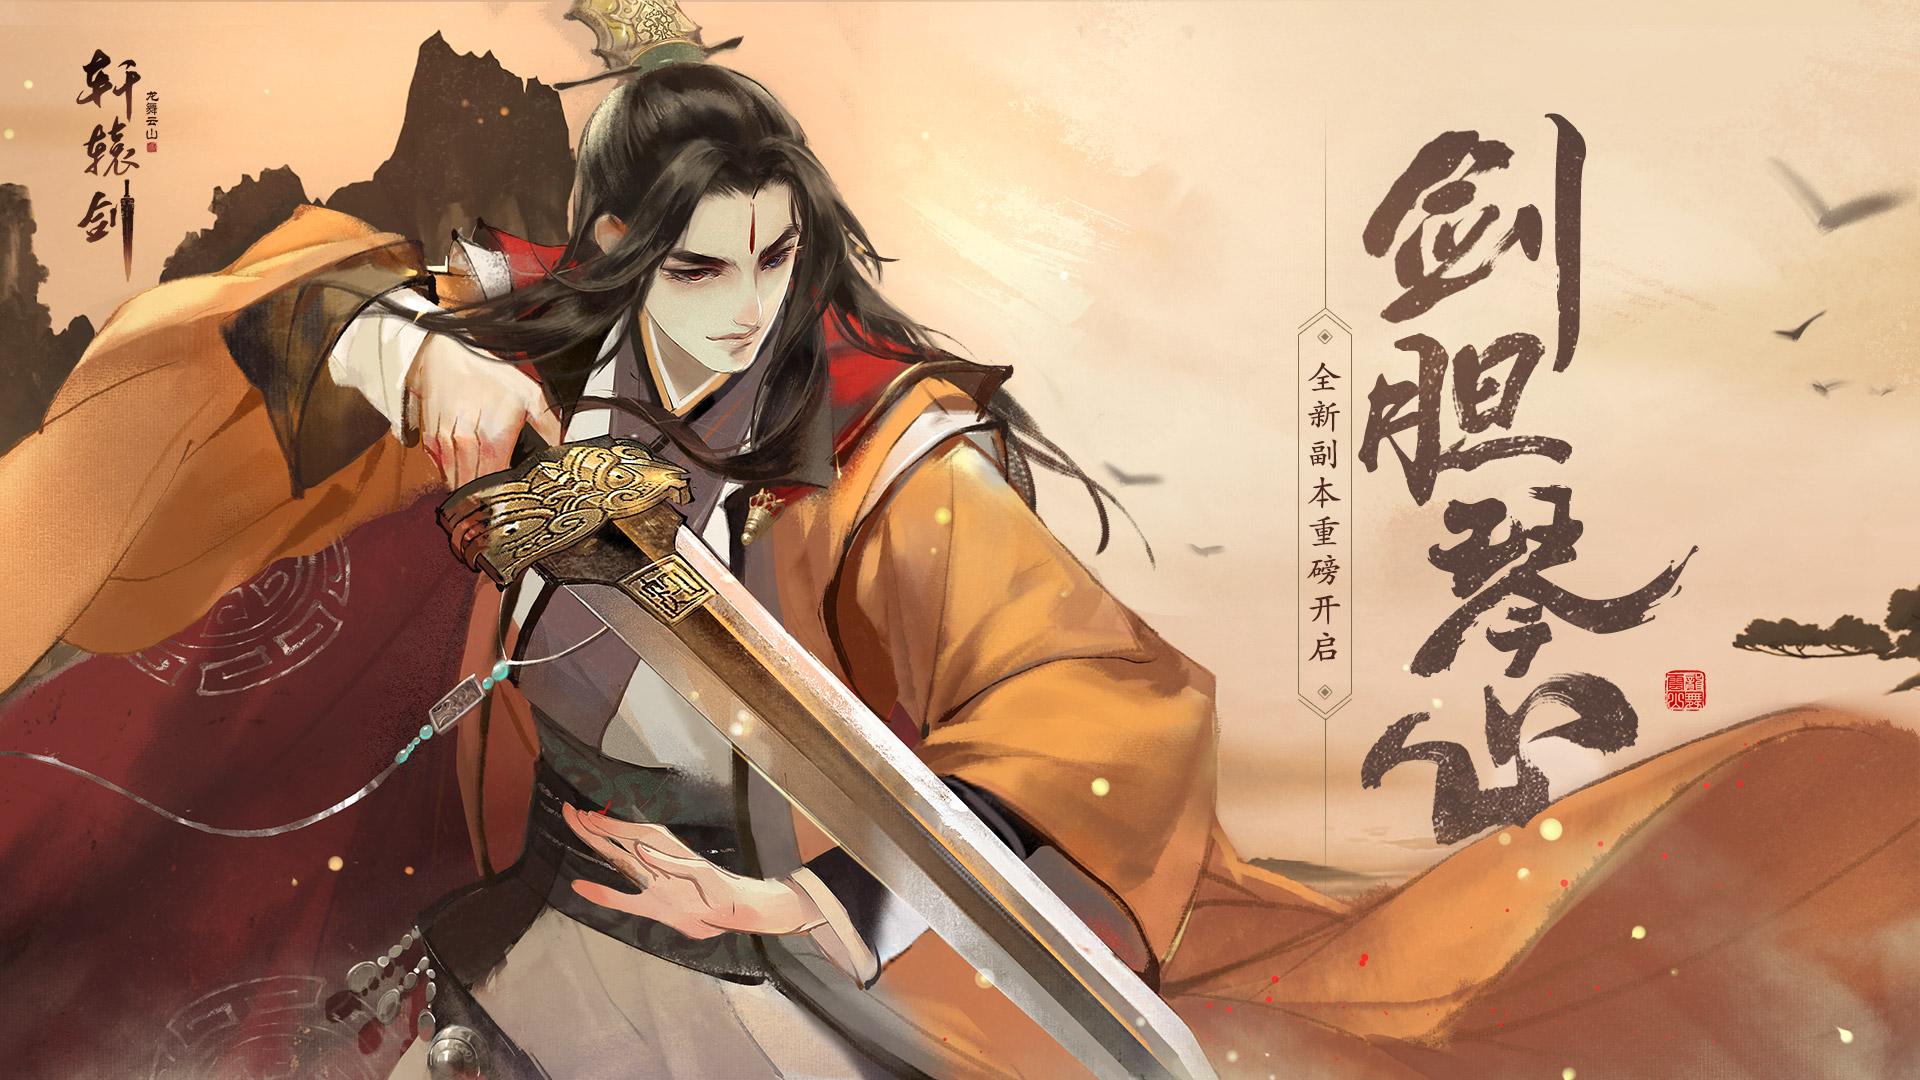 剑胆琴心,《轩辕剑龙舞云山》全新副本即将开启